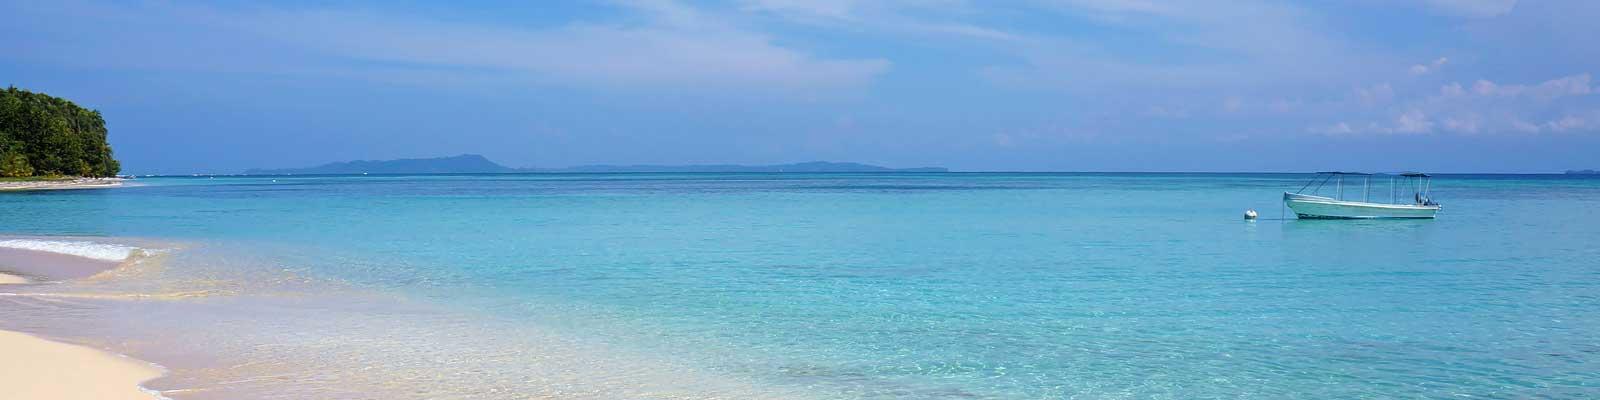 Panama Tranquilo Mar Azul  Ferias de tempo longo. Casas grandes e pequenas.